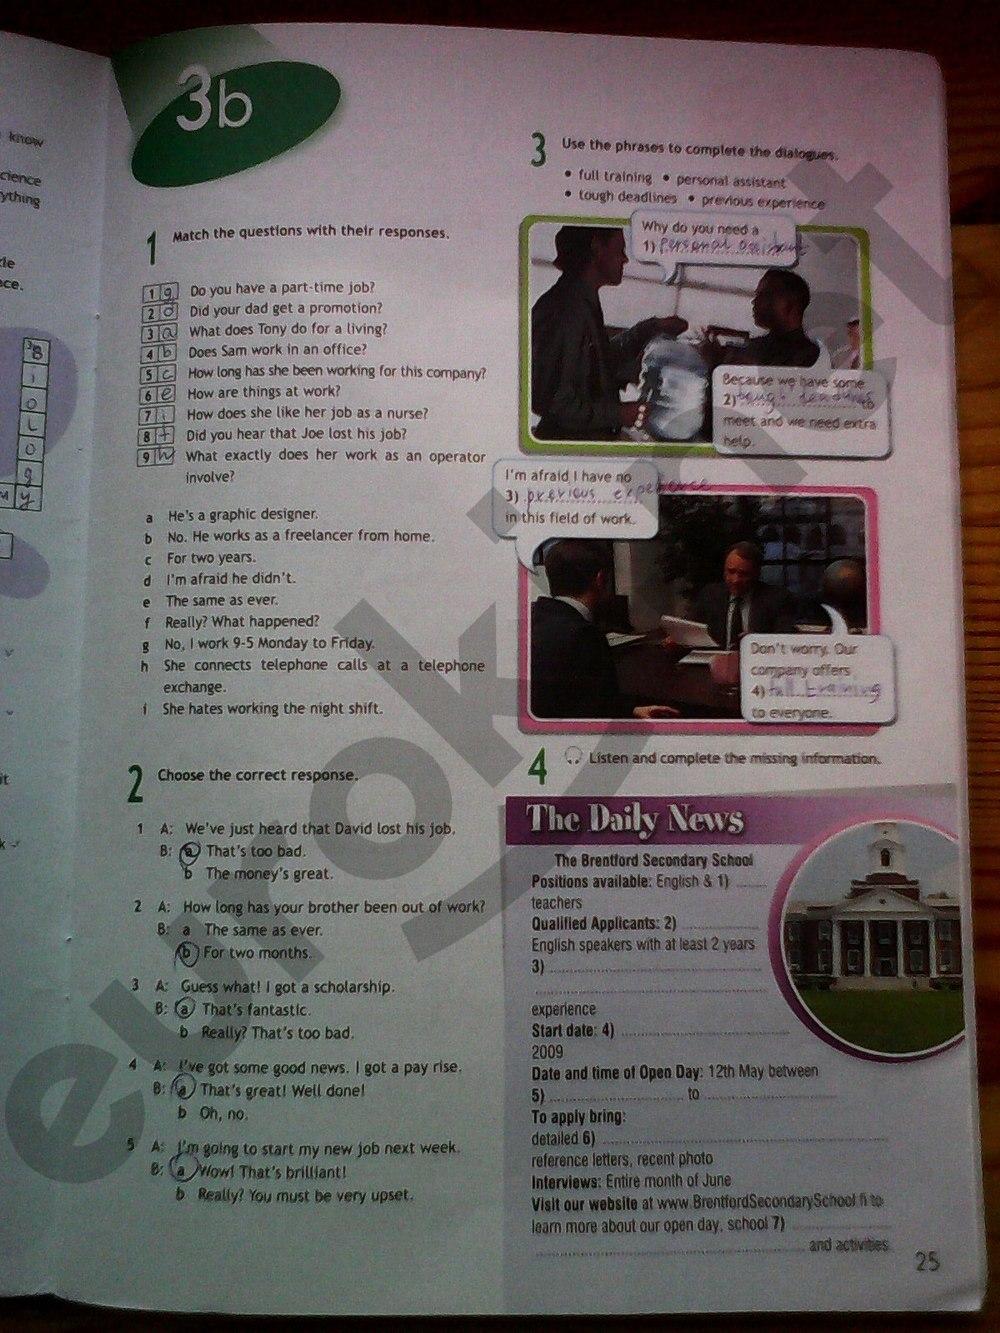 Англ учебник по лайт 5 спорт класс гдз